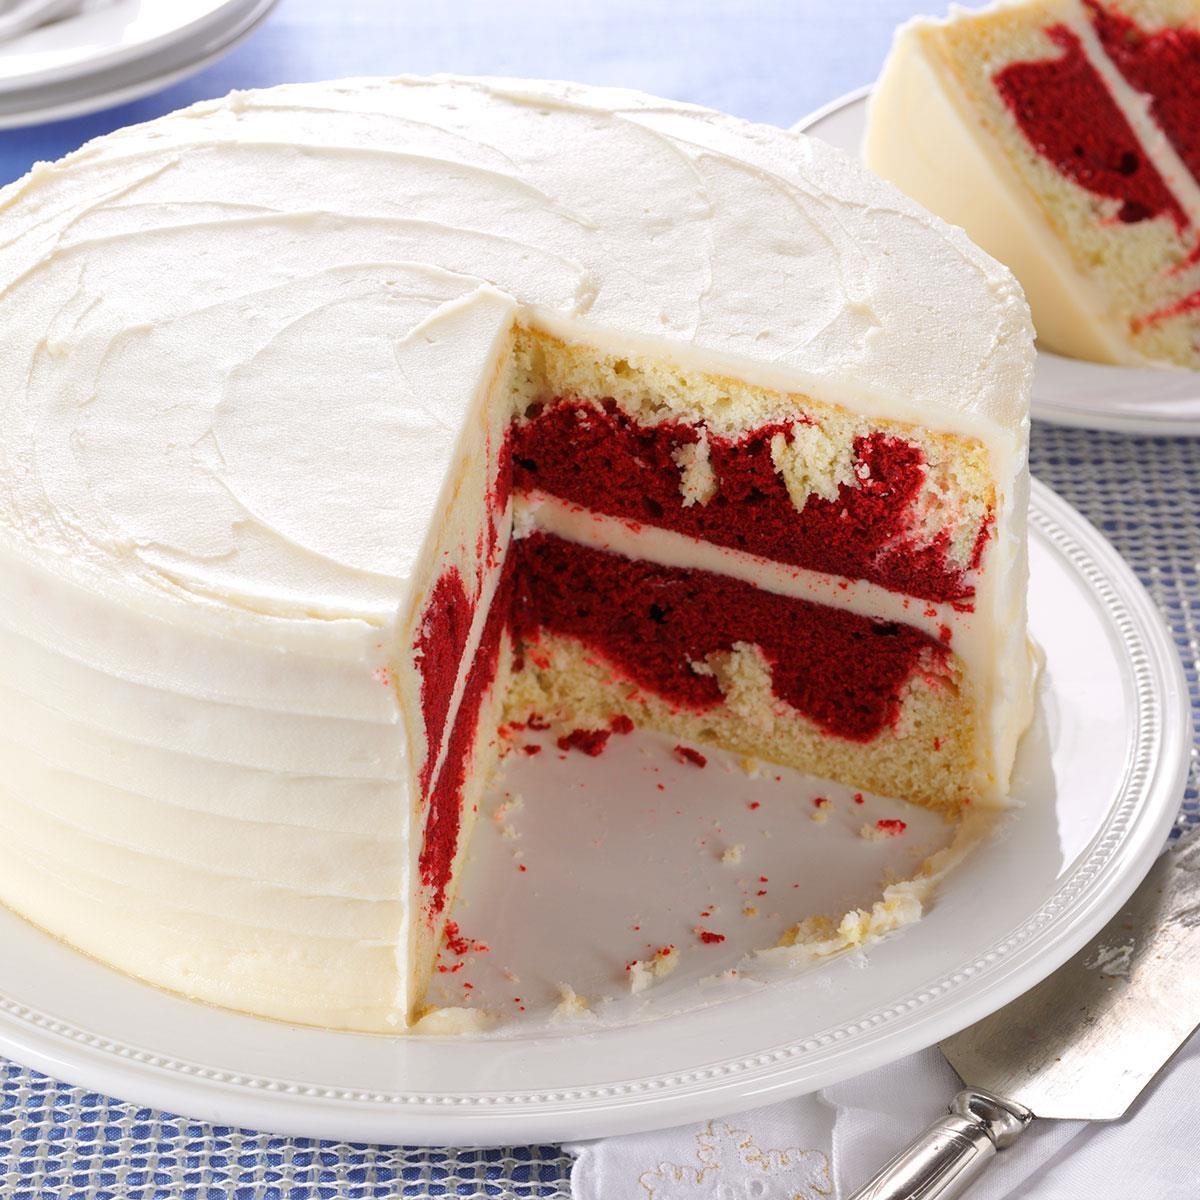 Awesome Red Velvet Marble Cake Recipe Taste Of Home Personalised Birthday Cards Beptaeletsinfo